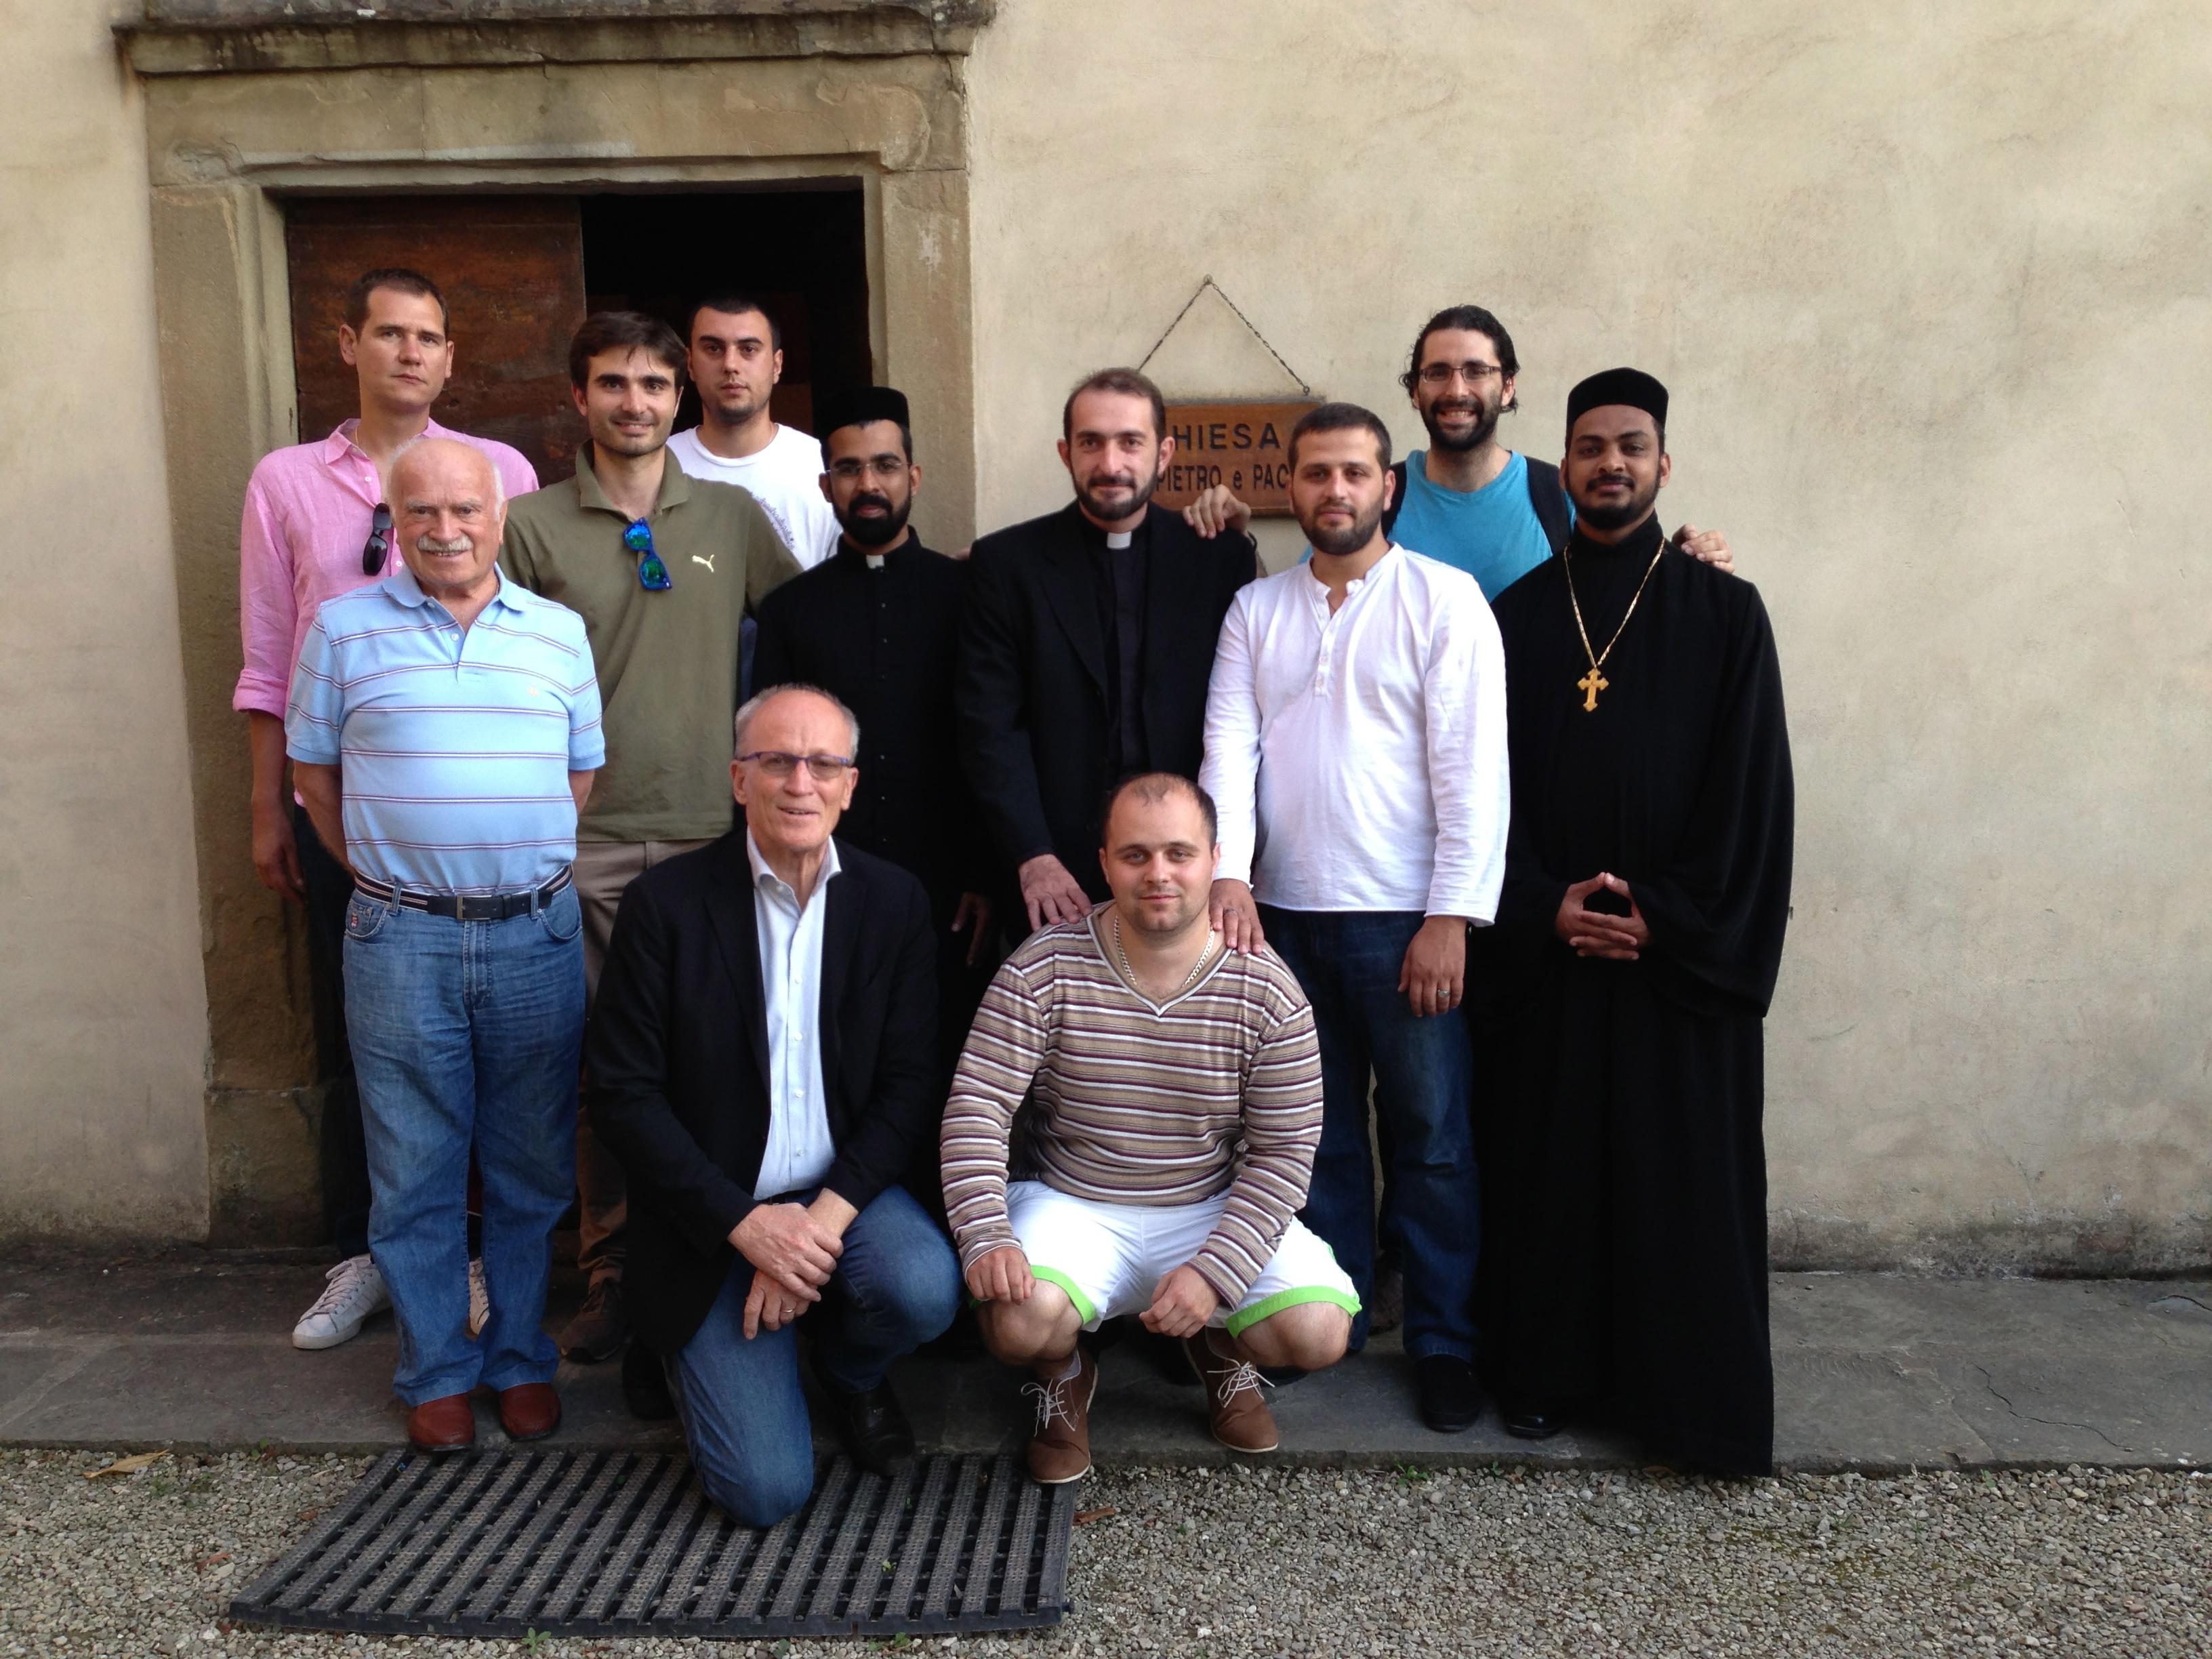 Una preghiera  ecumenica a Rondine insieme al Comitè